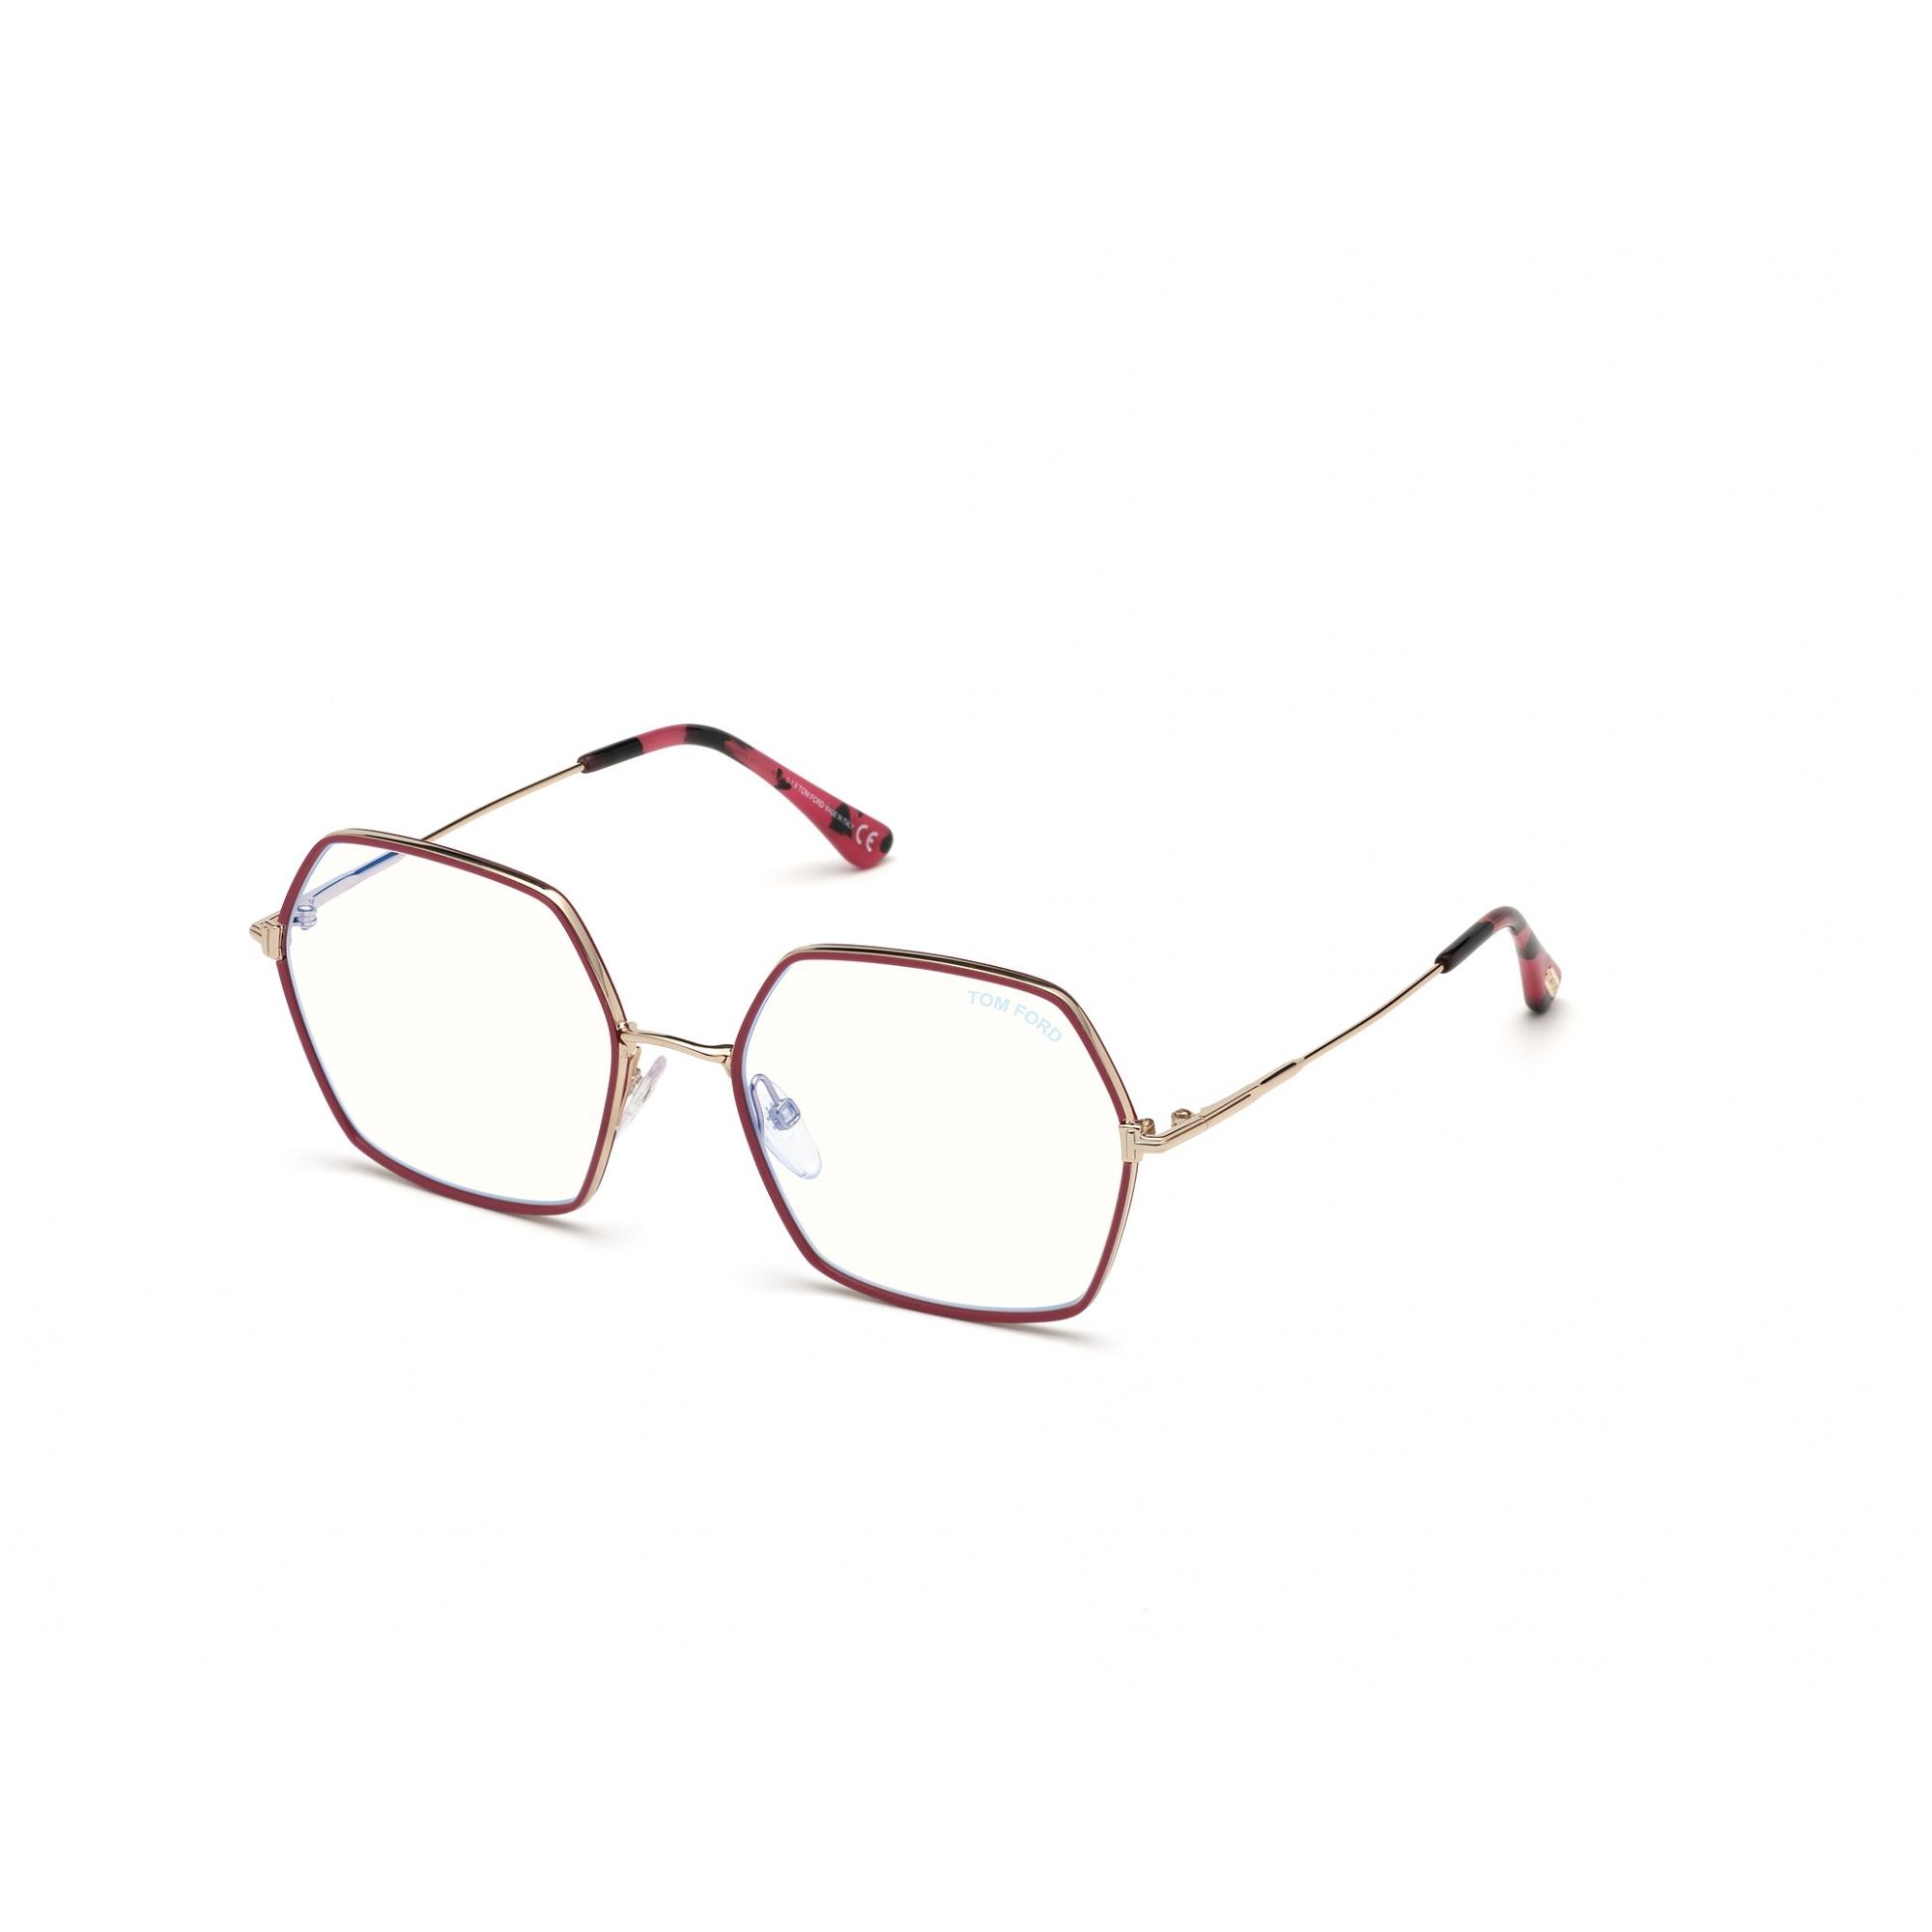 Óculos de Grau Tom Ford FT5615B 075 55